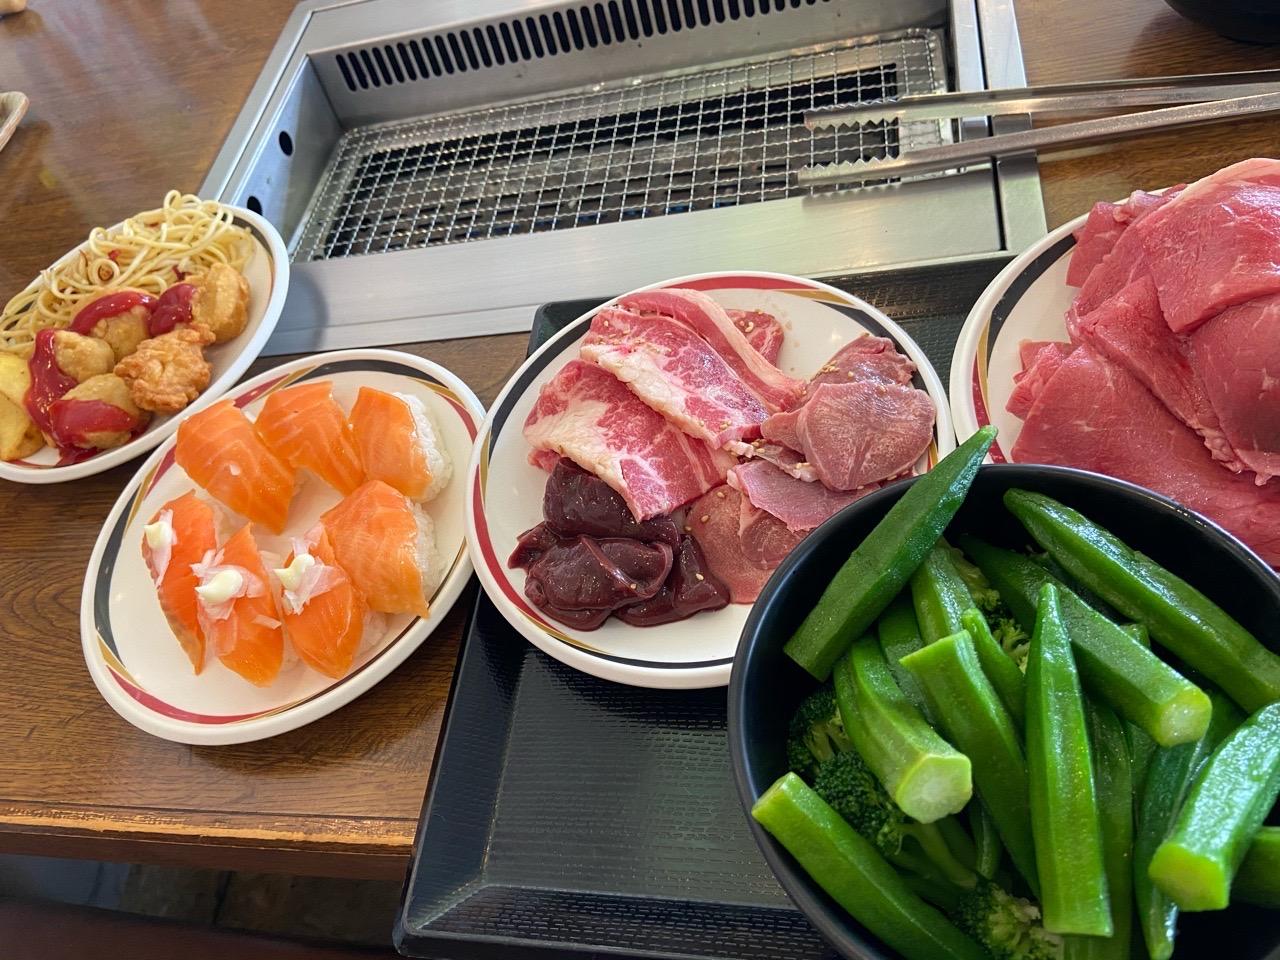 【画像】一人で寿司と焼肉食べ放題に来たったwwwwwwwwwwwwwwwwwwwwwwwwwwwwwwww